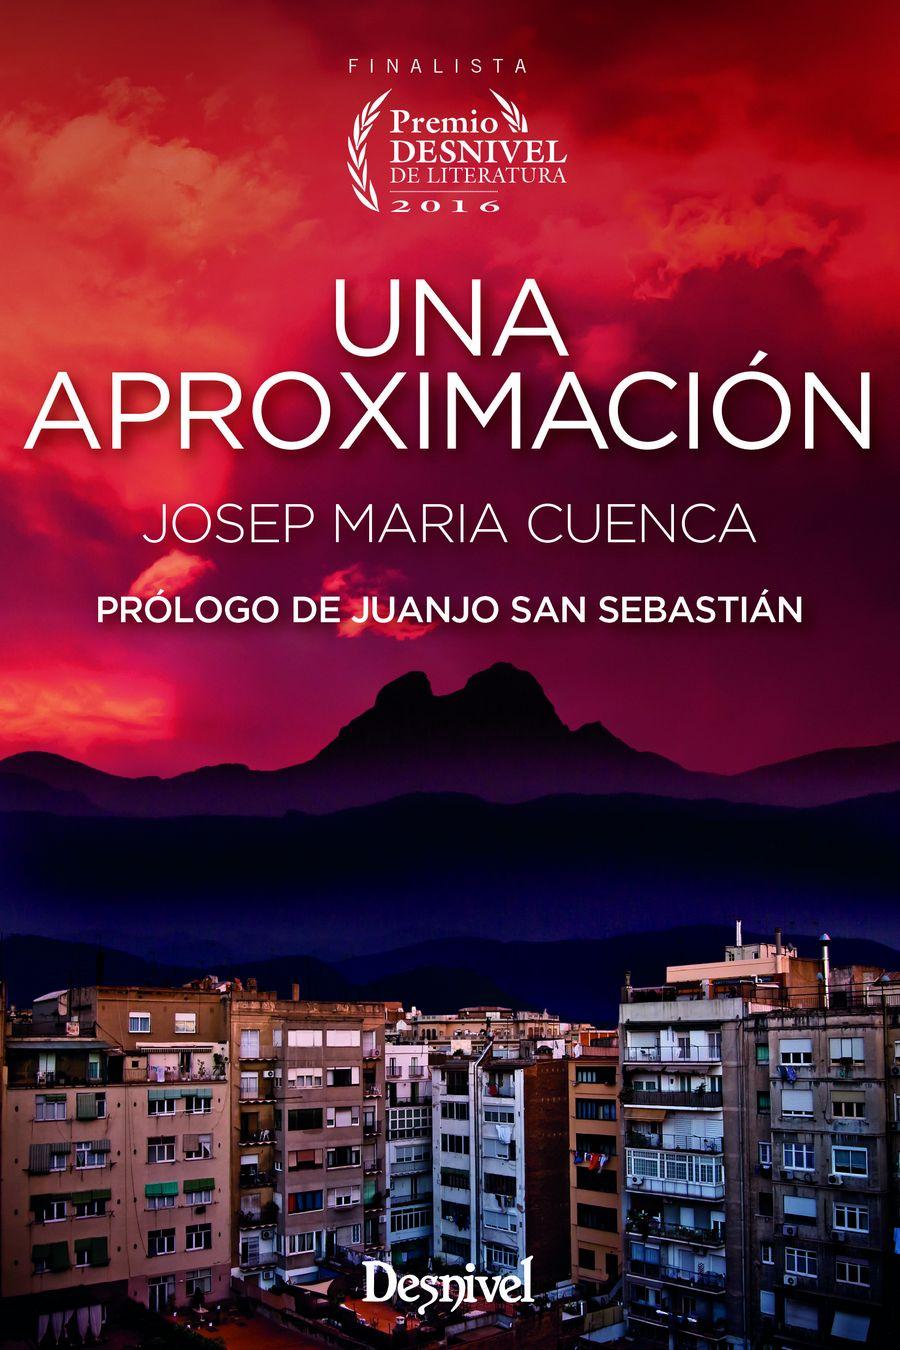 Portada del libro 'Una aproximación' por Josep Maria Cuenca. Finalista del Premio Desnivel de Literatura 2016